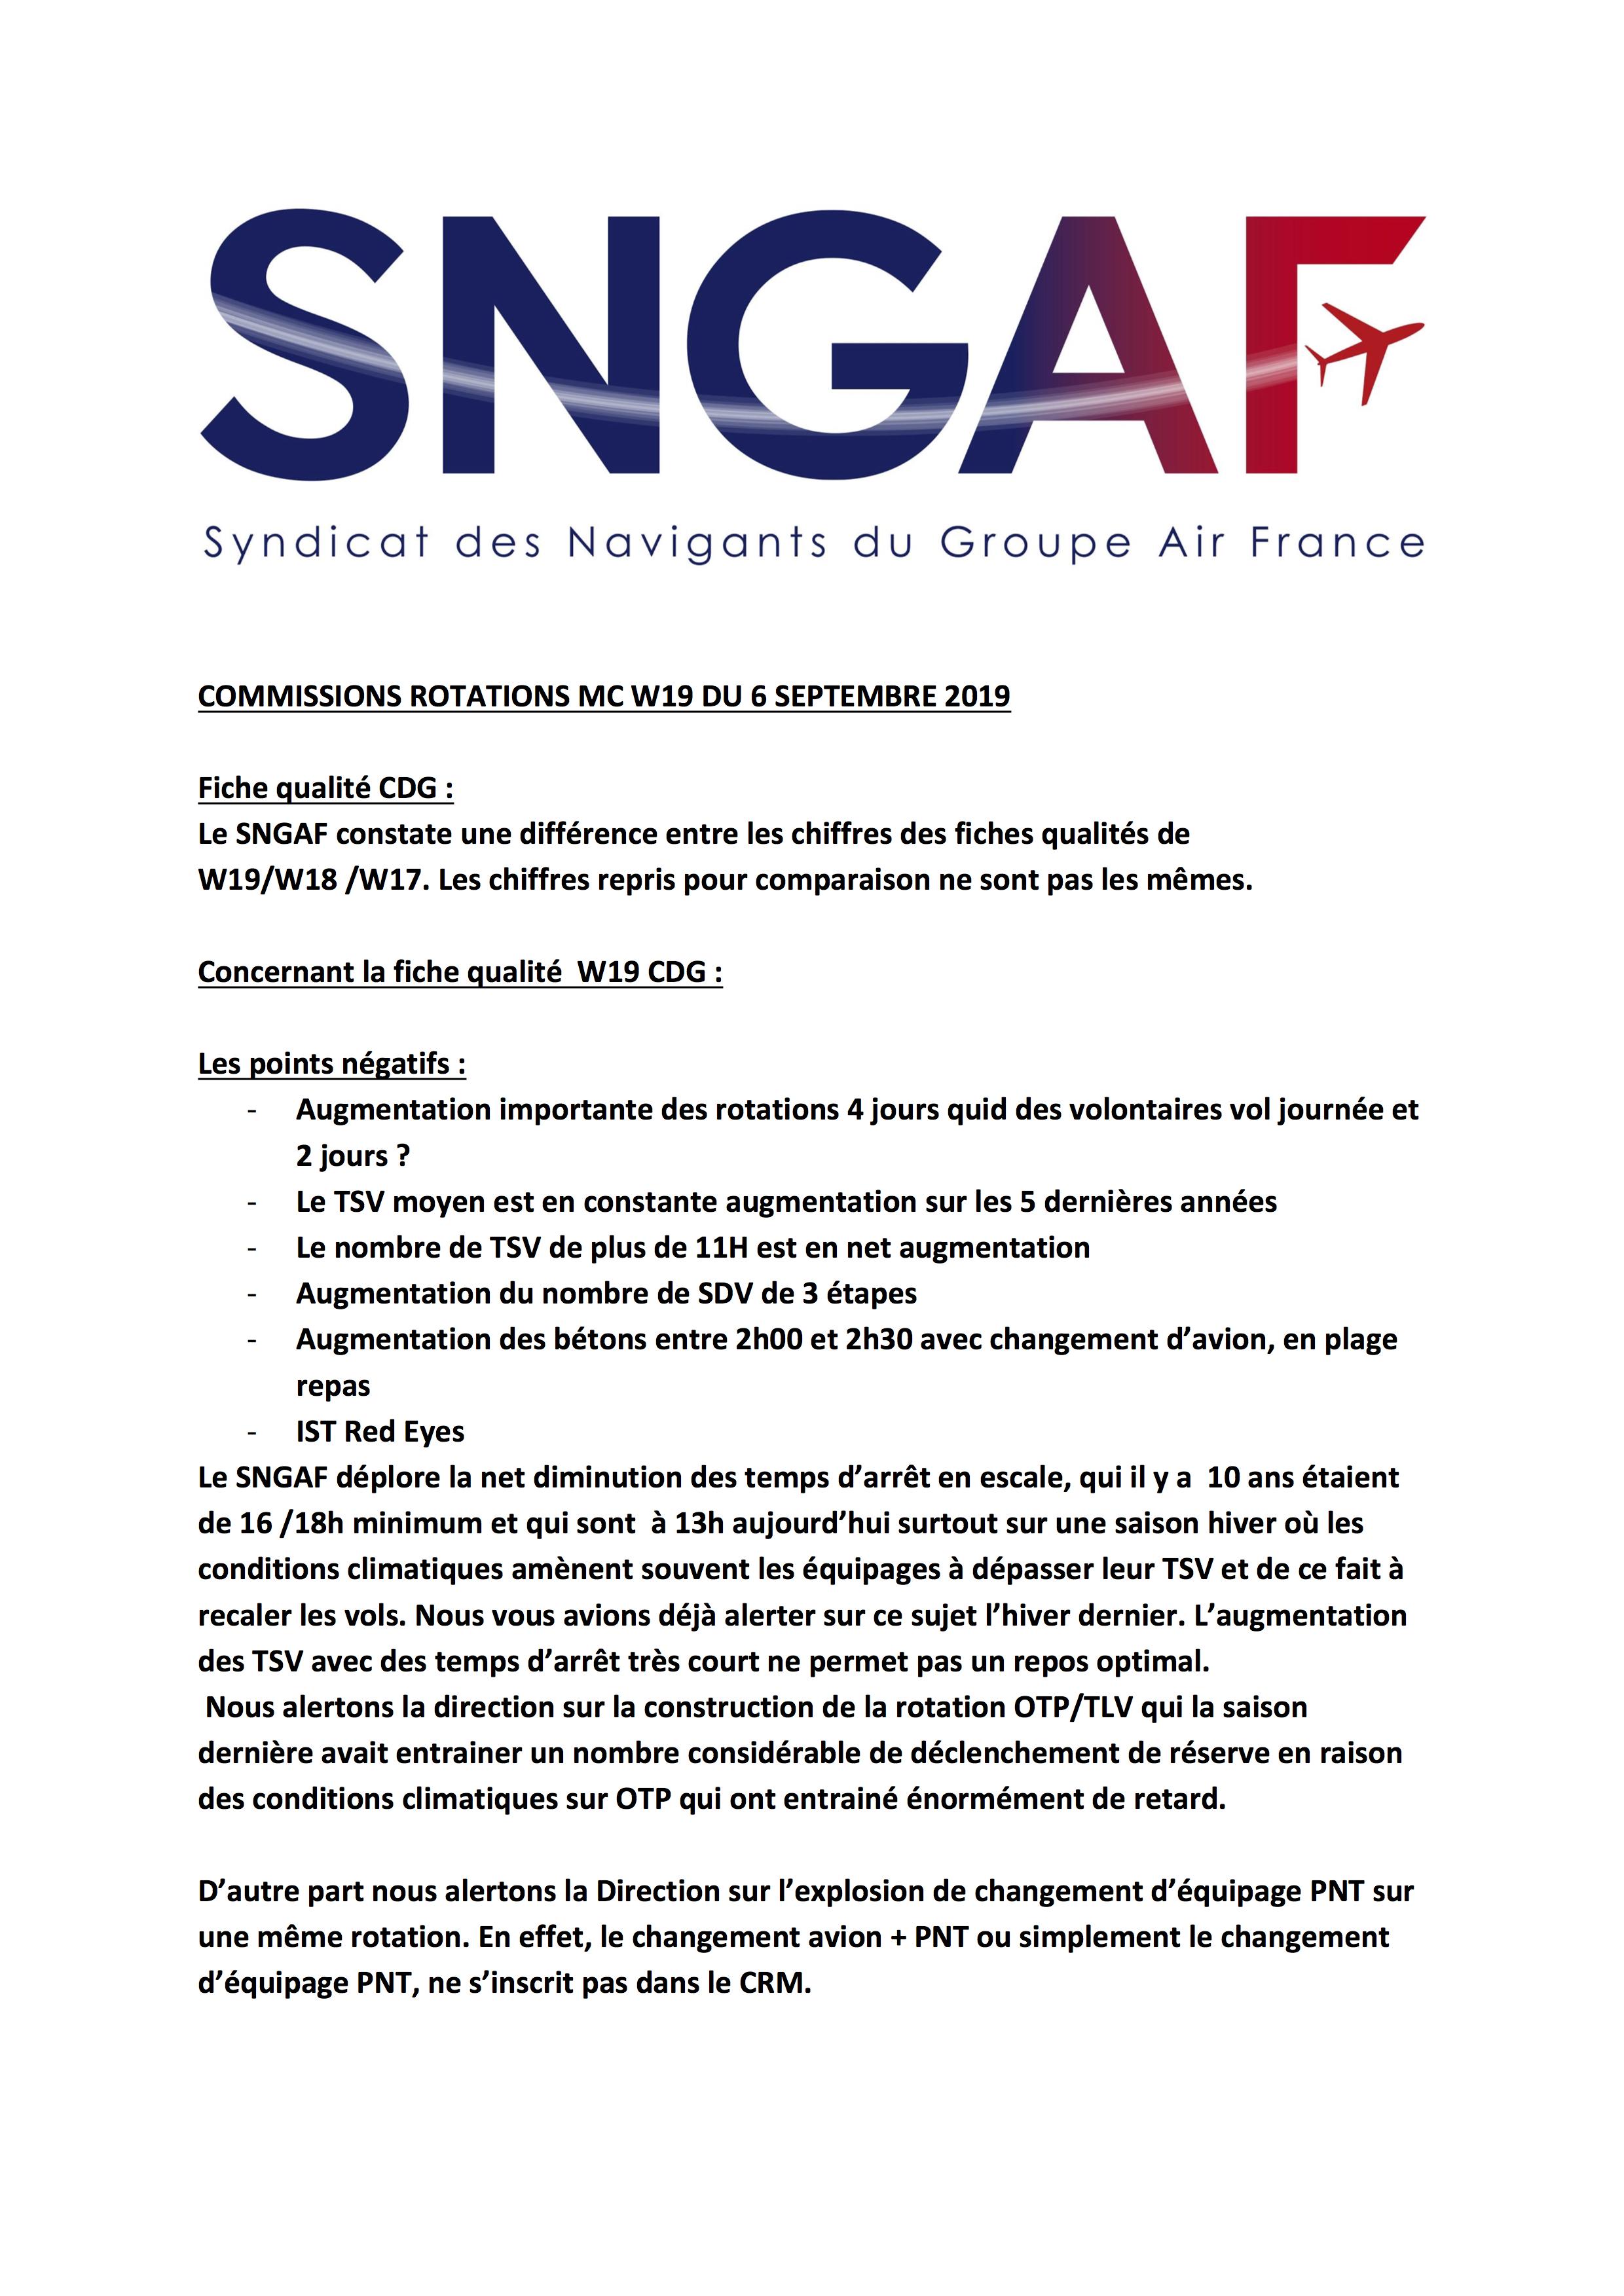 Fiche qualité CDG : Le SNGAF constate une différence entre les chiffres des fiches qualités de W19/W18 /W17. Les chiffres repris pour comparaison ne sont pas les mêmes.